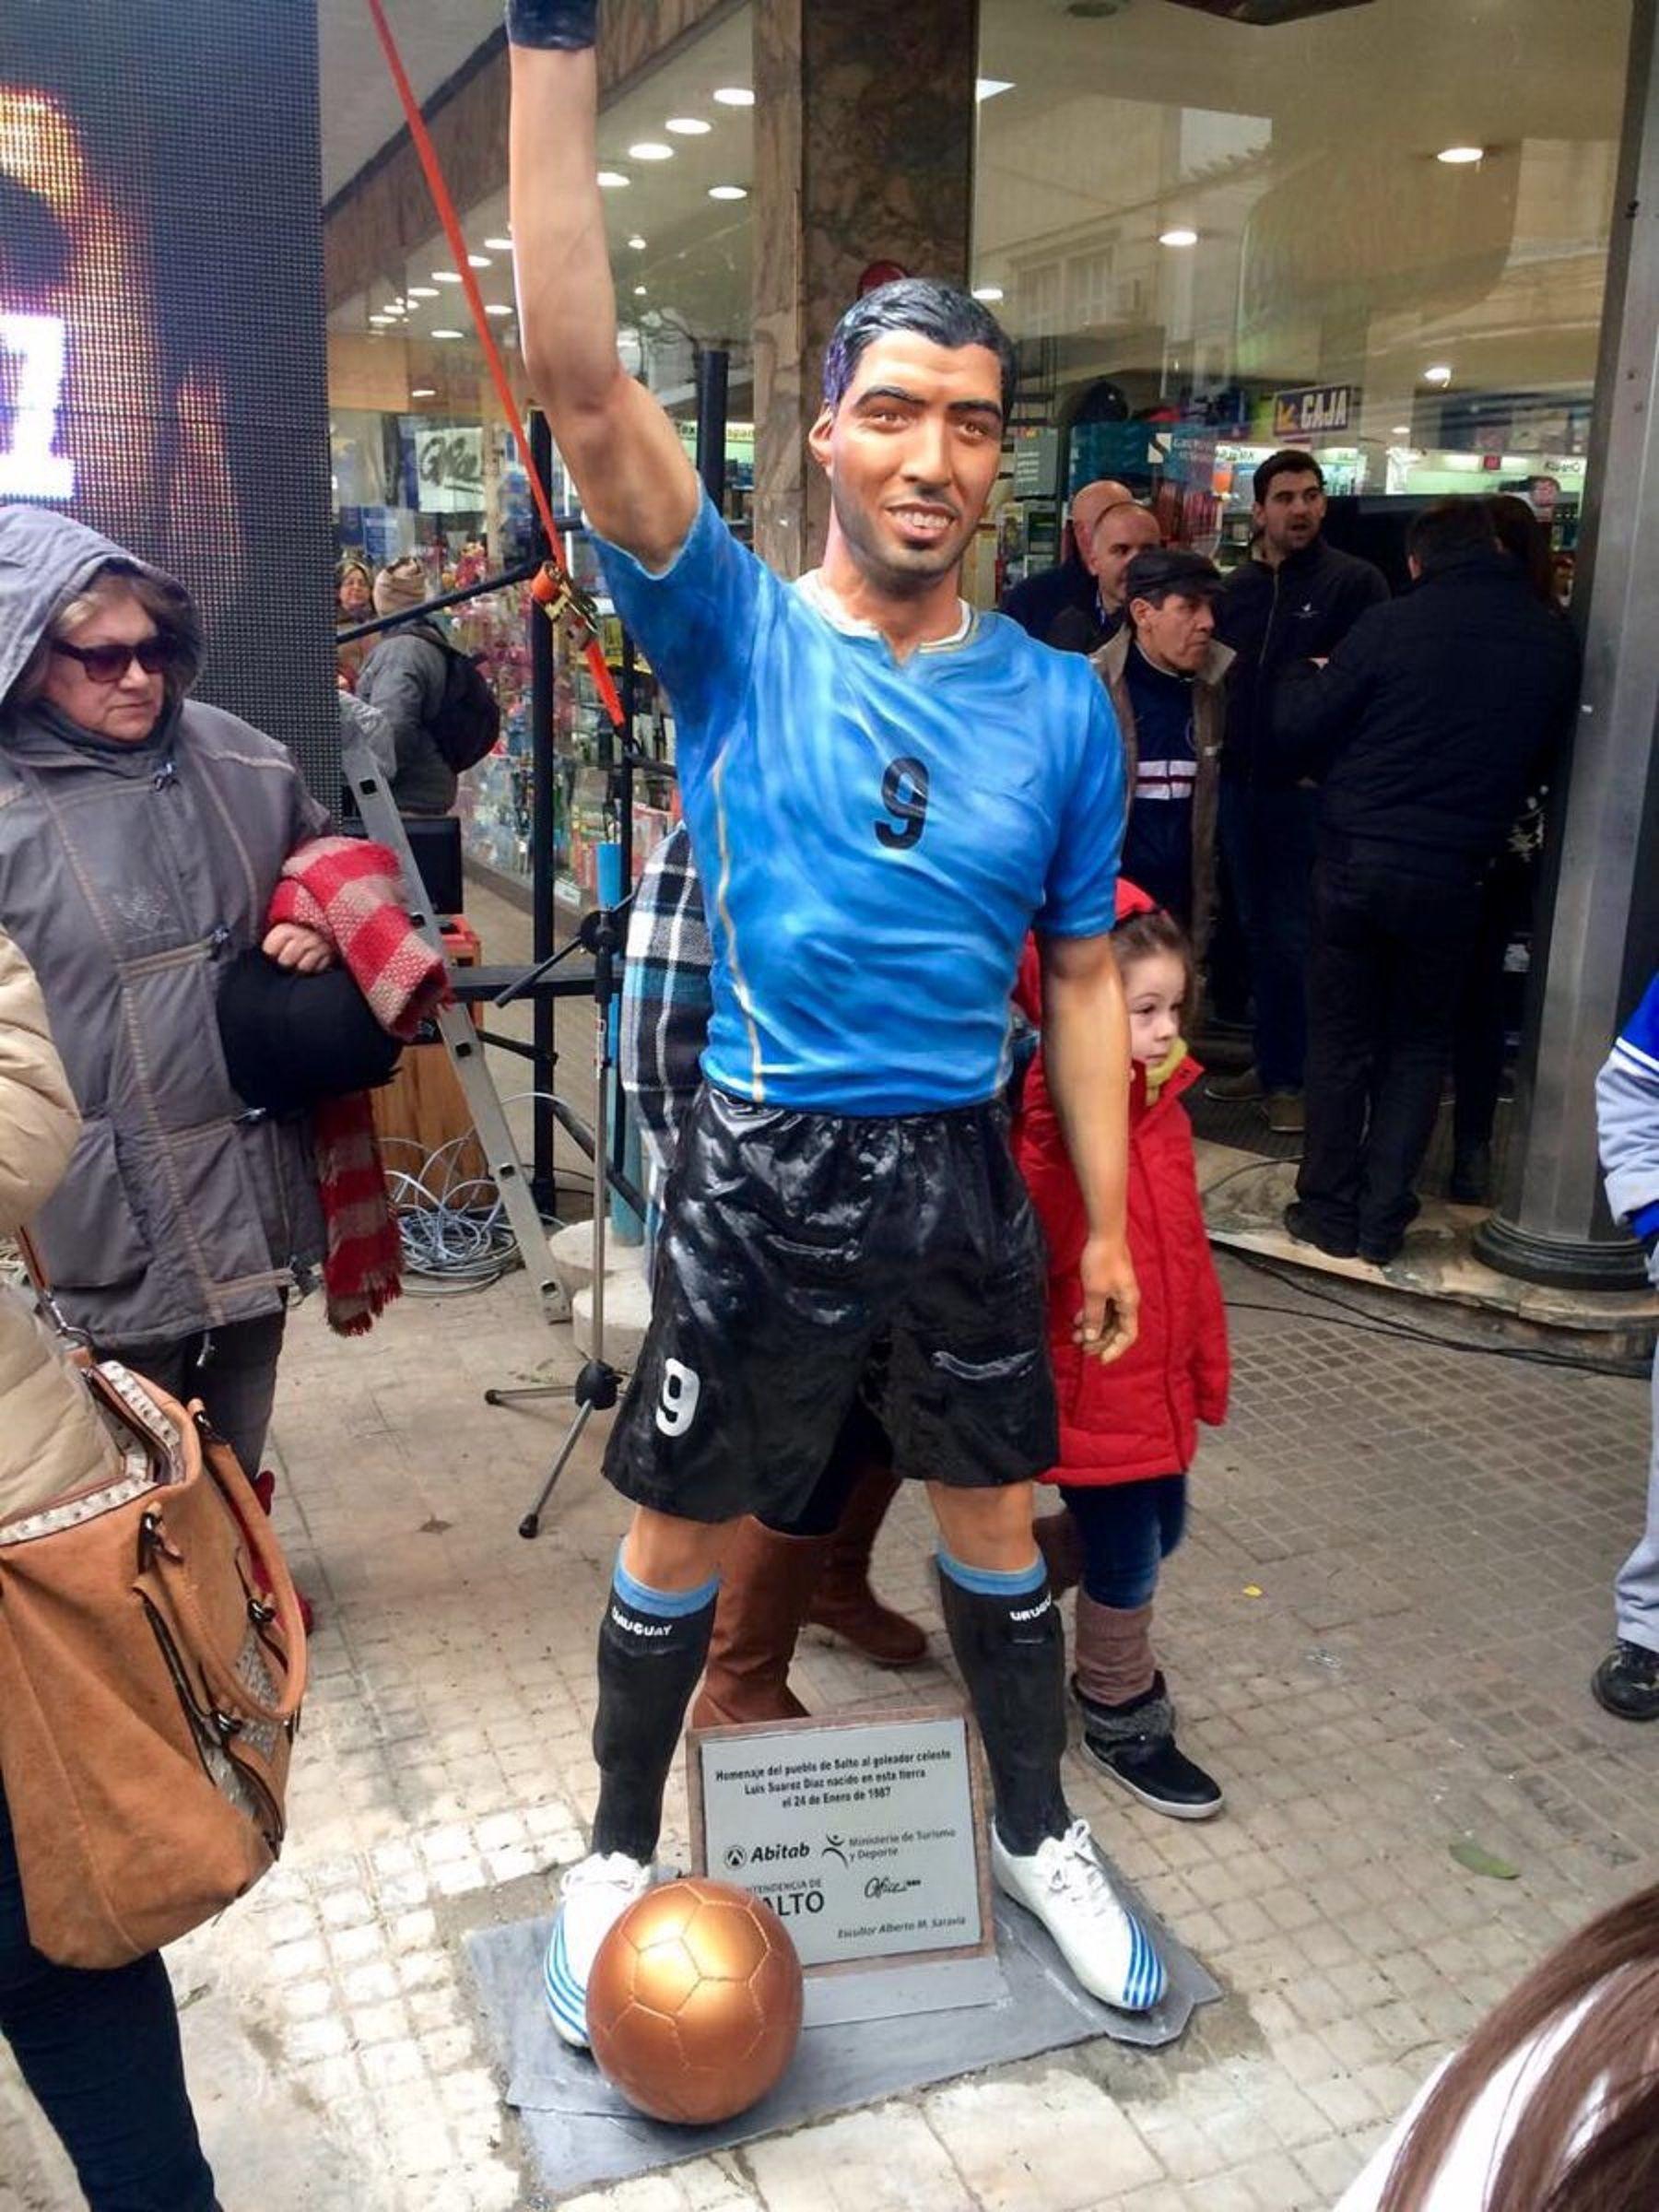 ¿Se parece? Inauguraron una estatua a tamaño real de Luis Suárez en Uruguay